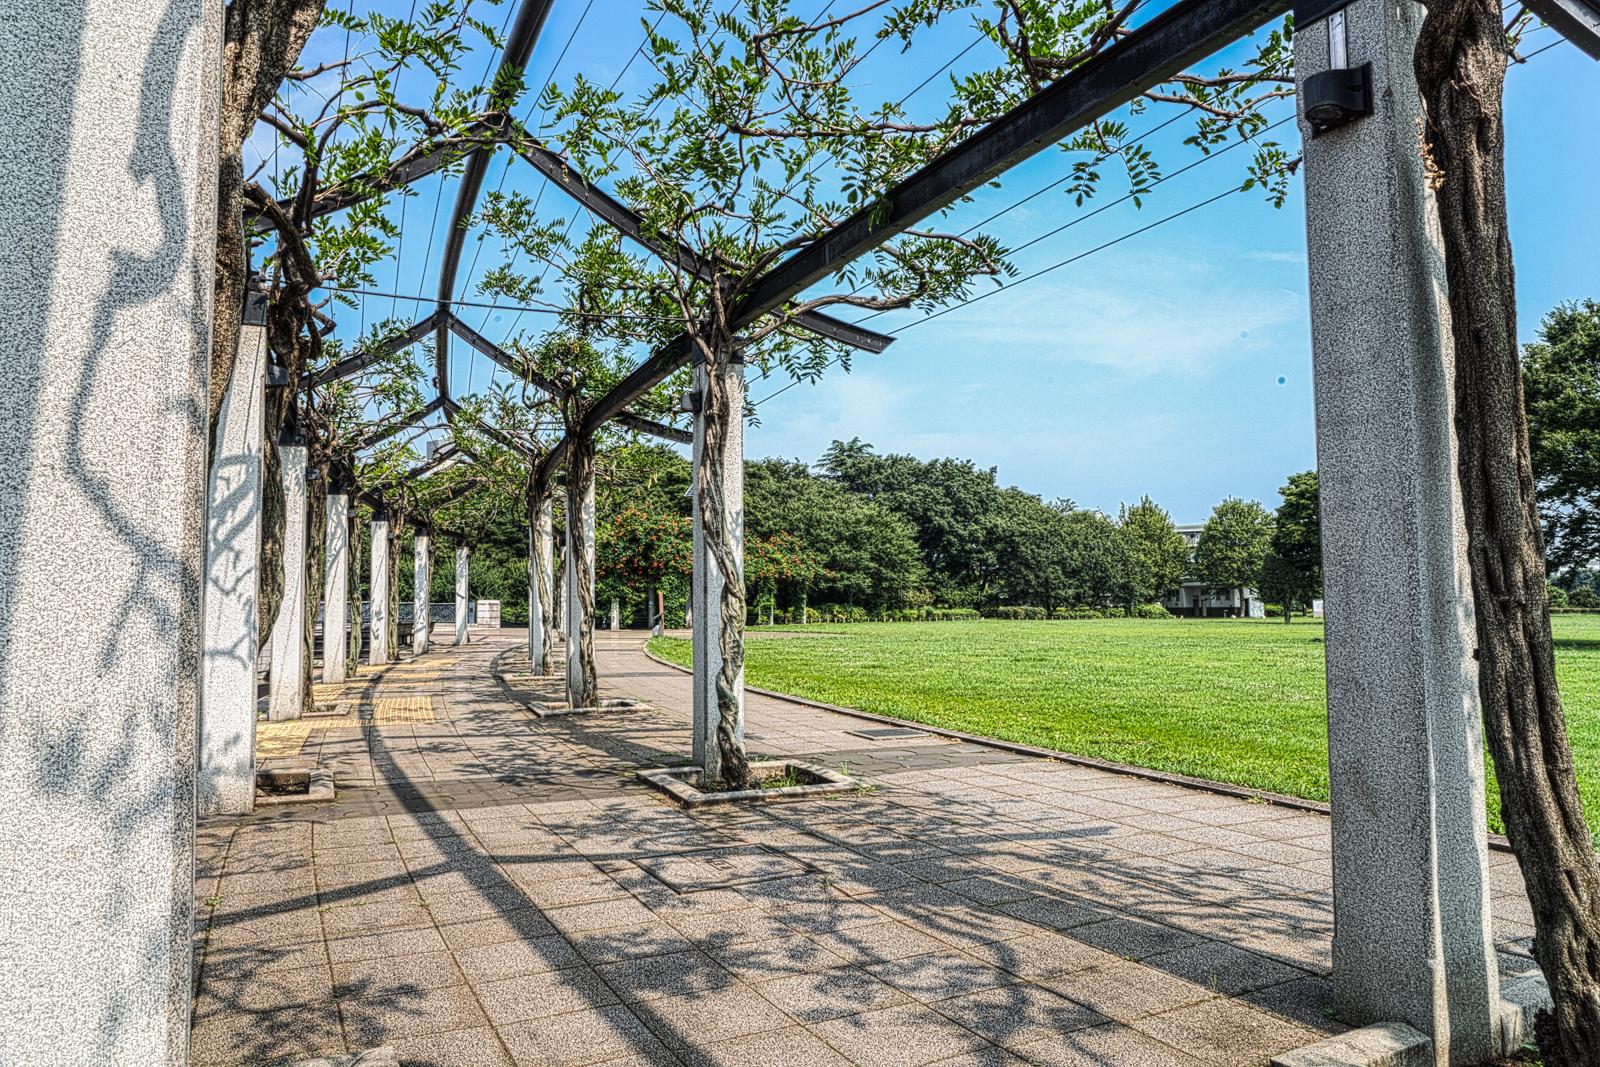 武蔵国分寺、円形の遊歩道の写真